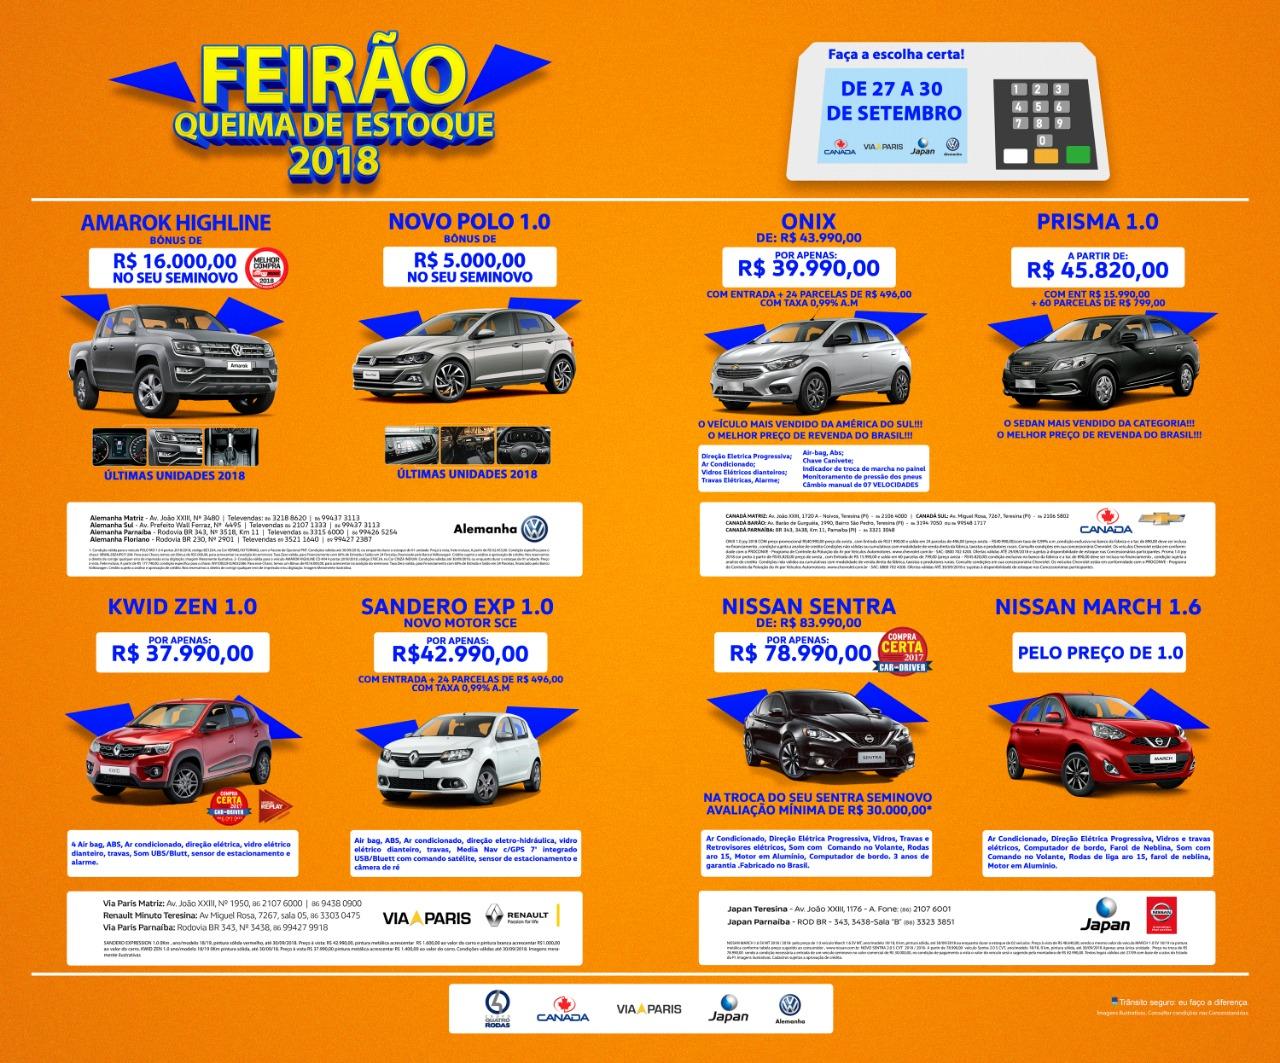 Feirão Queima de Estoque 2018: de 27 a 30/09, eleja um carro zero para sua garagem!